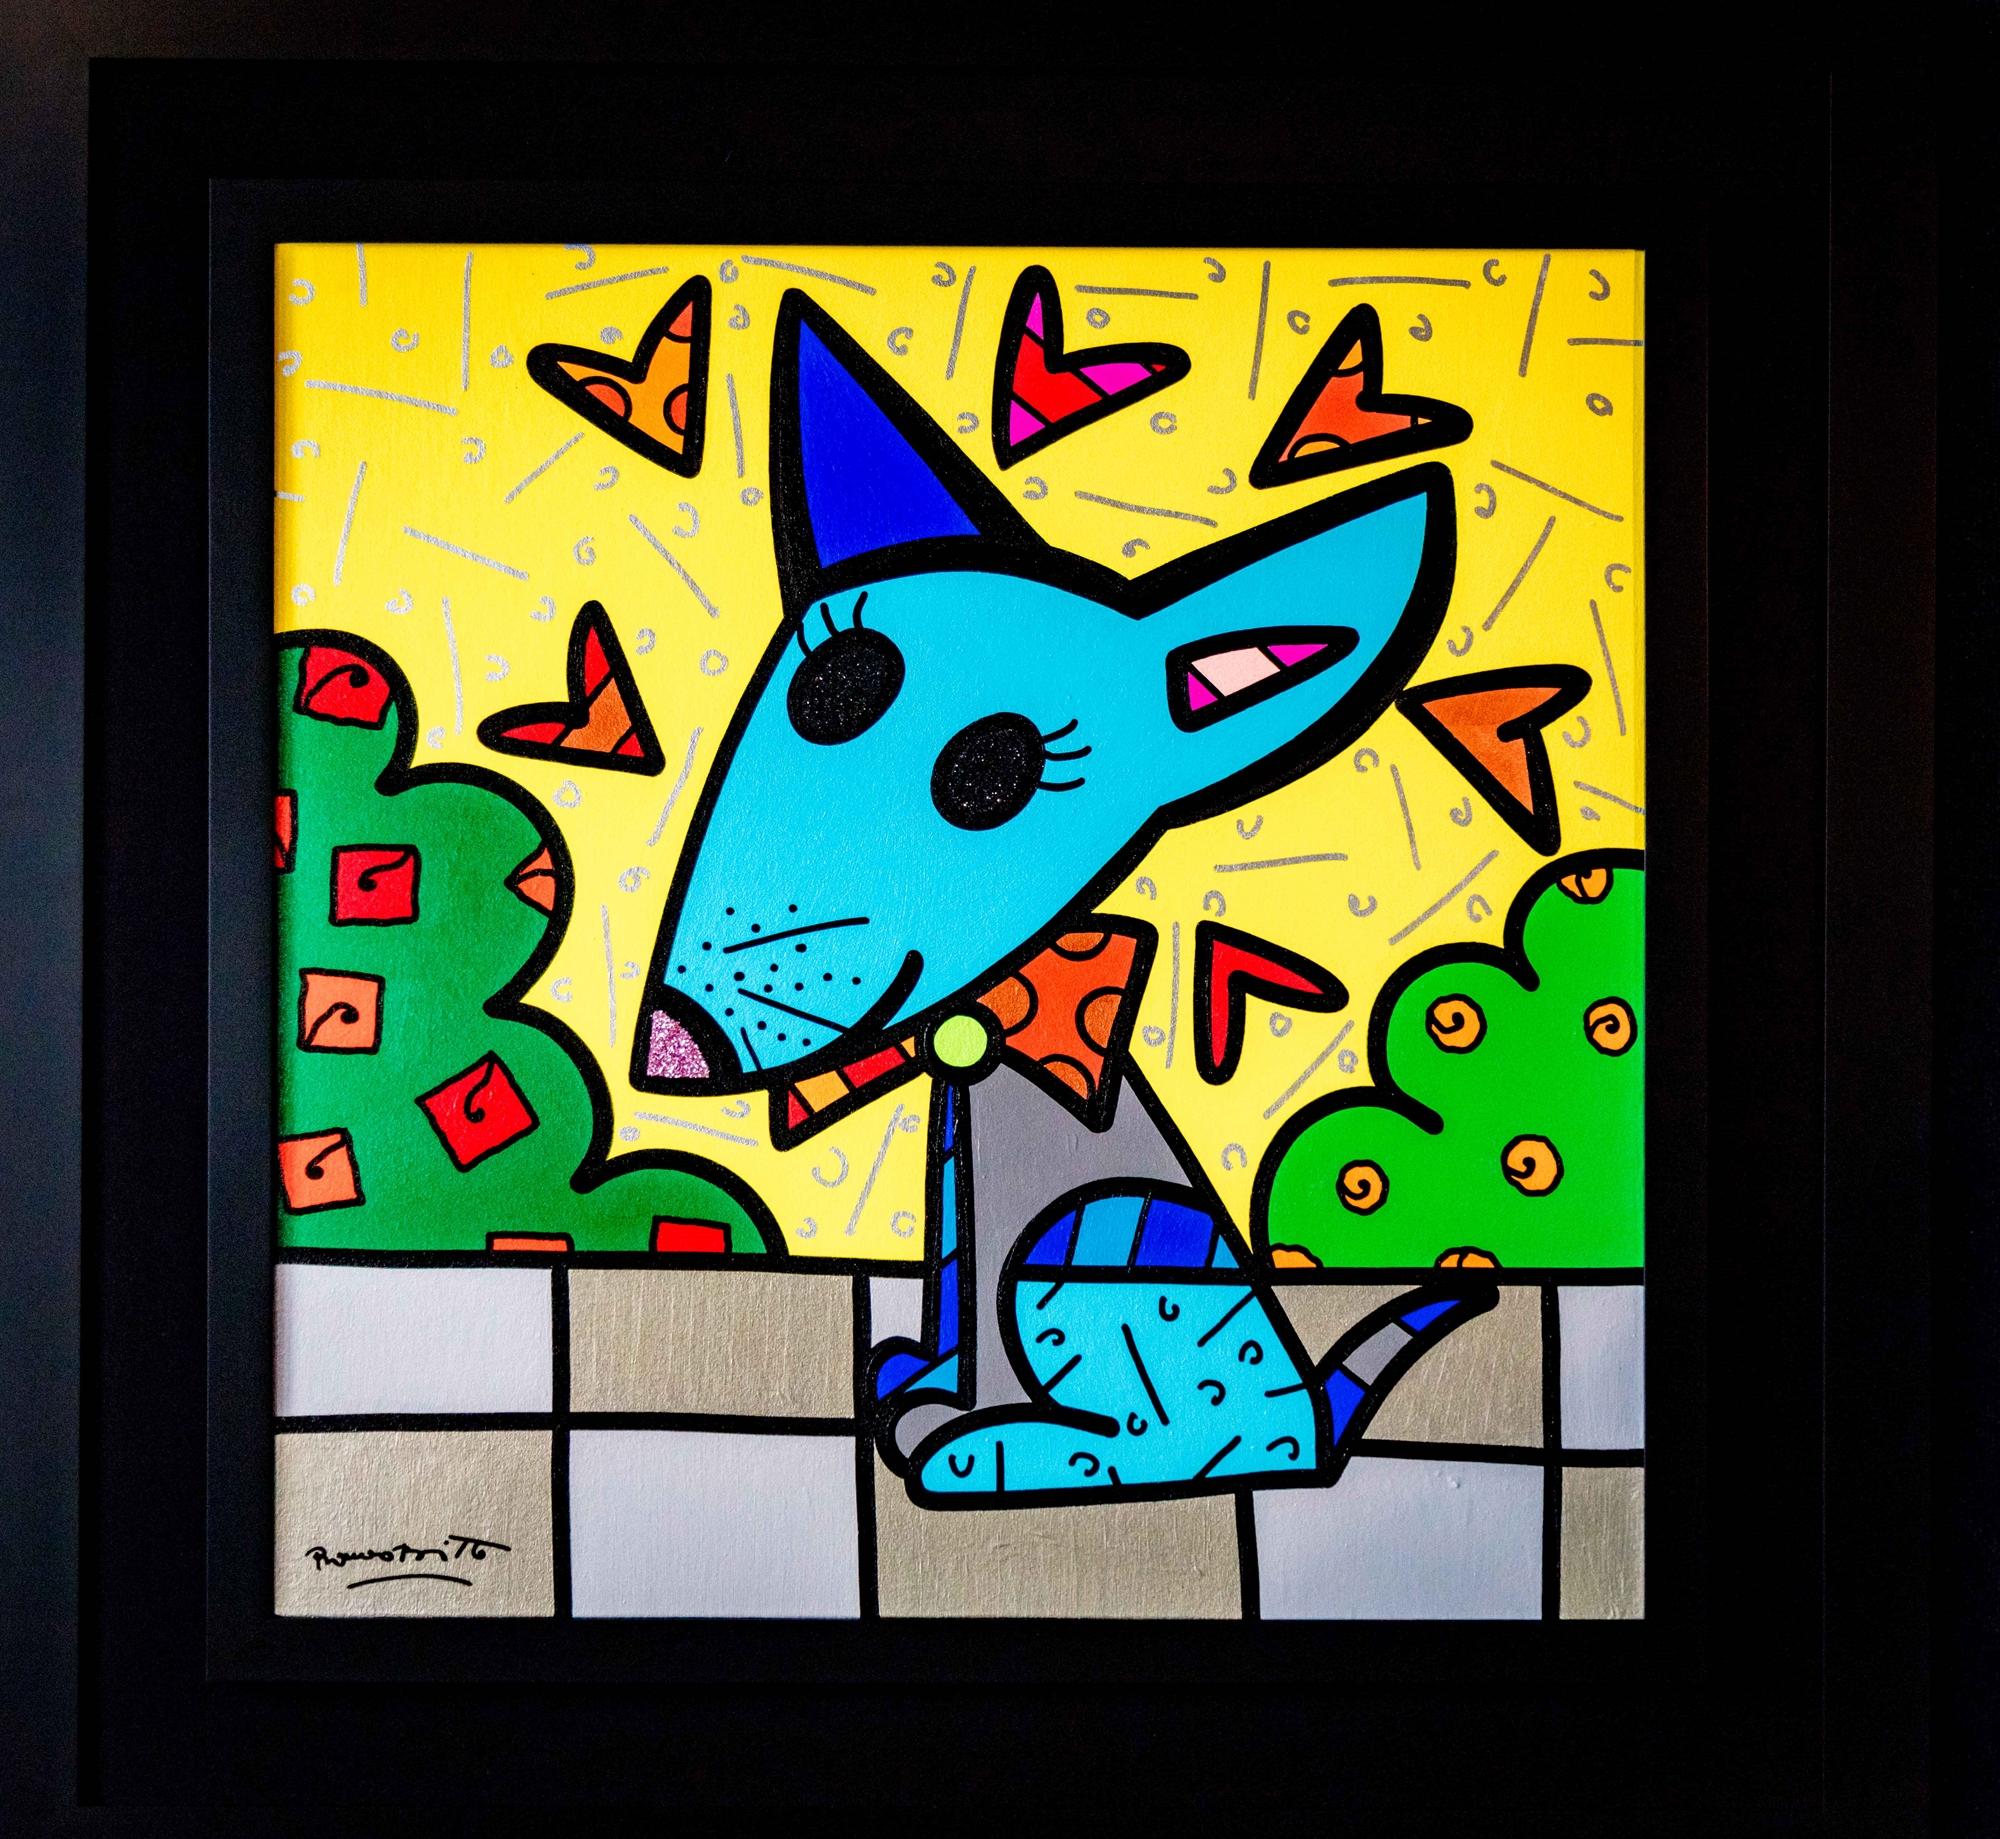 MEXICO(dog) by Romero Britto